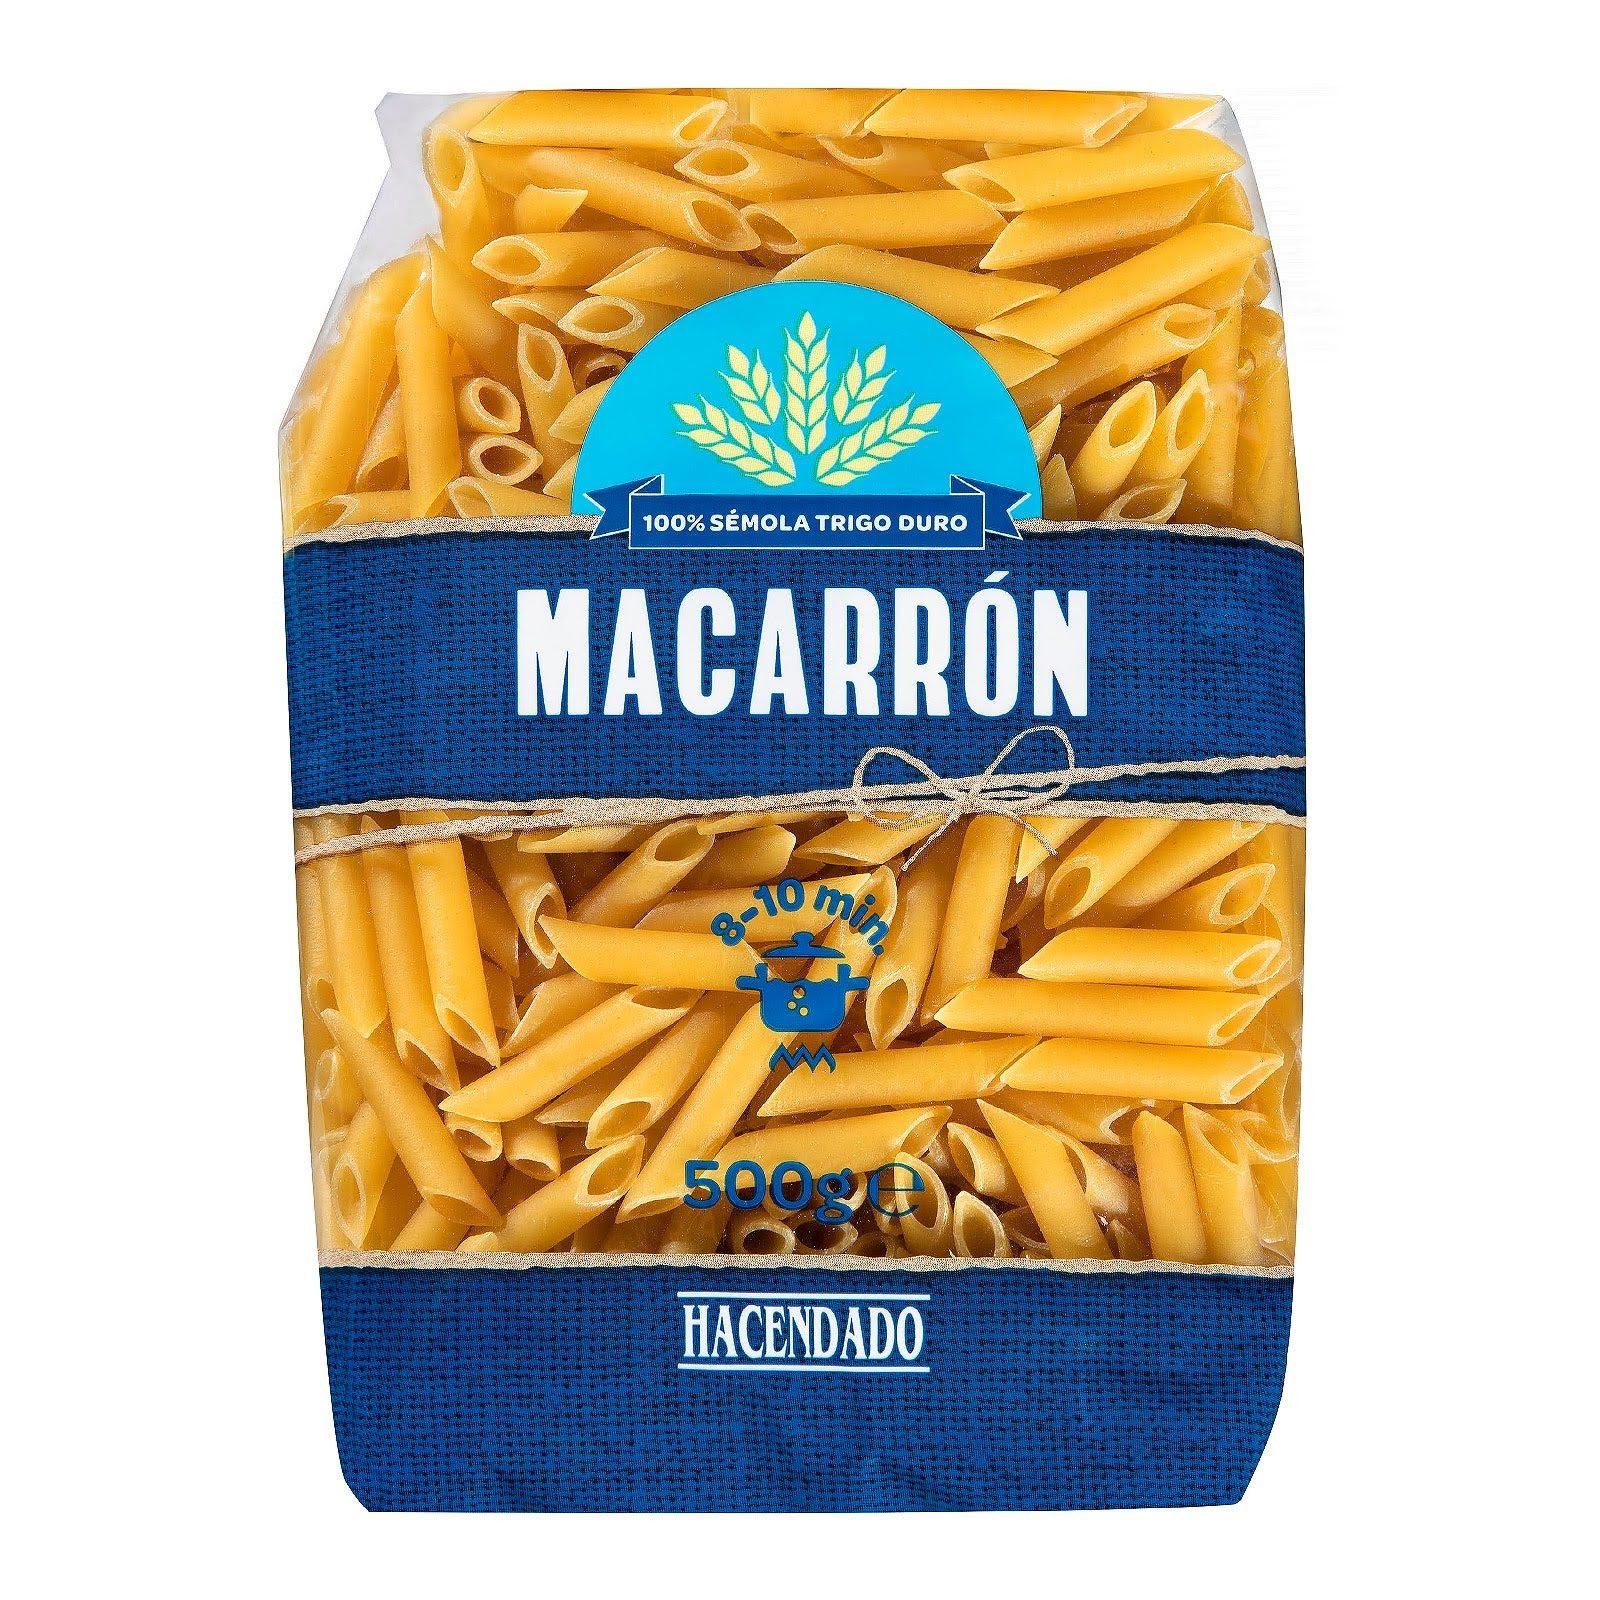 macarron-hacendado-mercadona-1-2195709